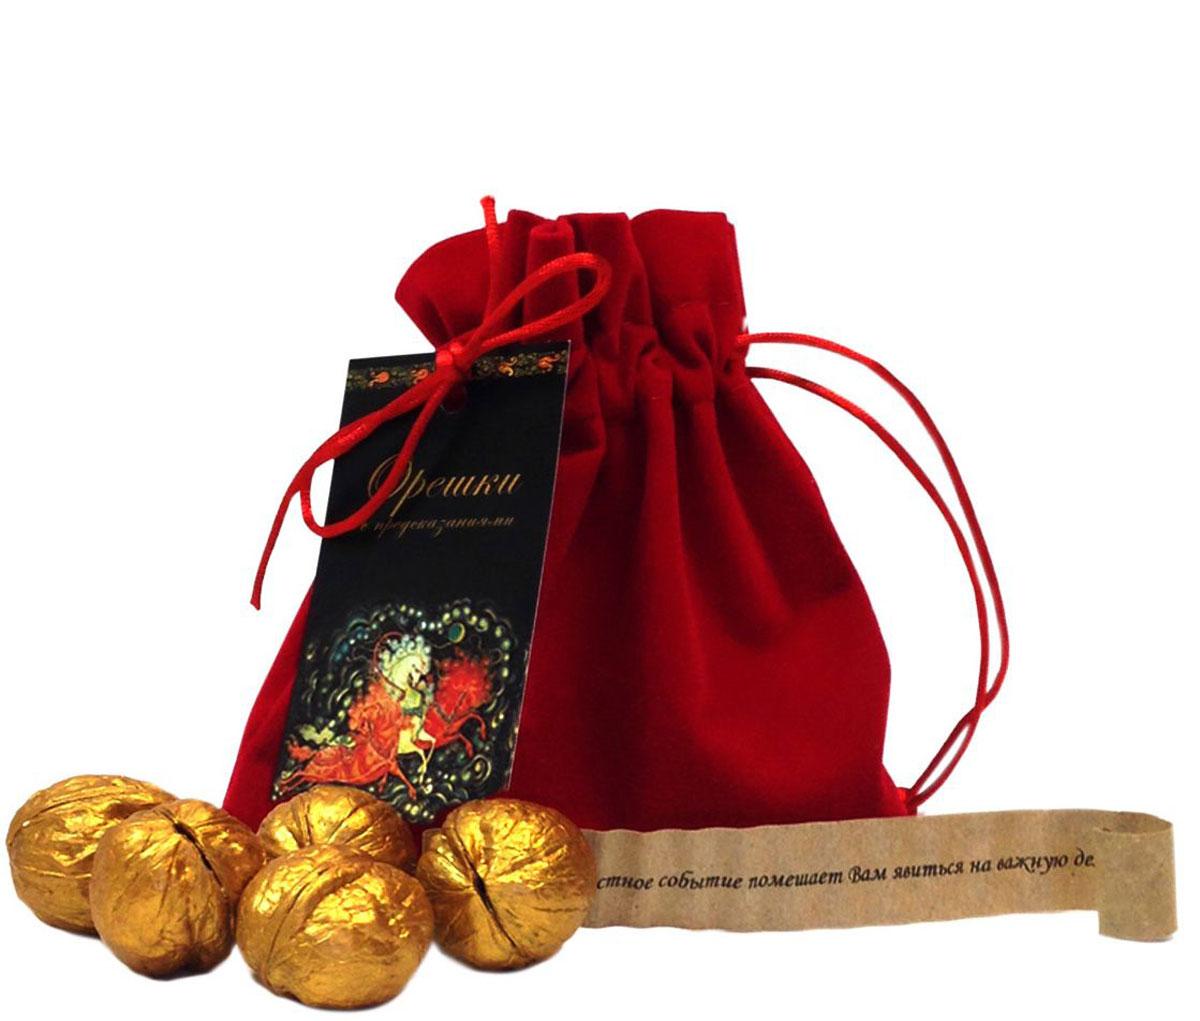 Мешочек подарочный Правила Успеха, с пятью орешками с предсказаниями4610009213460Состав подарка: - Золотые орешки с предсказанием 5 шт; - Бархатный мешочек.Производитель нашел и отобрал лучшие грецкиеорехи, очистил скорлупу от ореха,положил туда записку с пожеланием ипокрасили орех золотой краской.